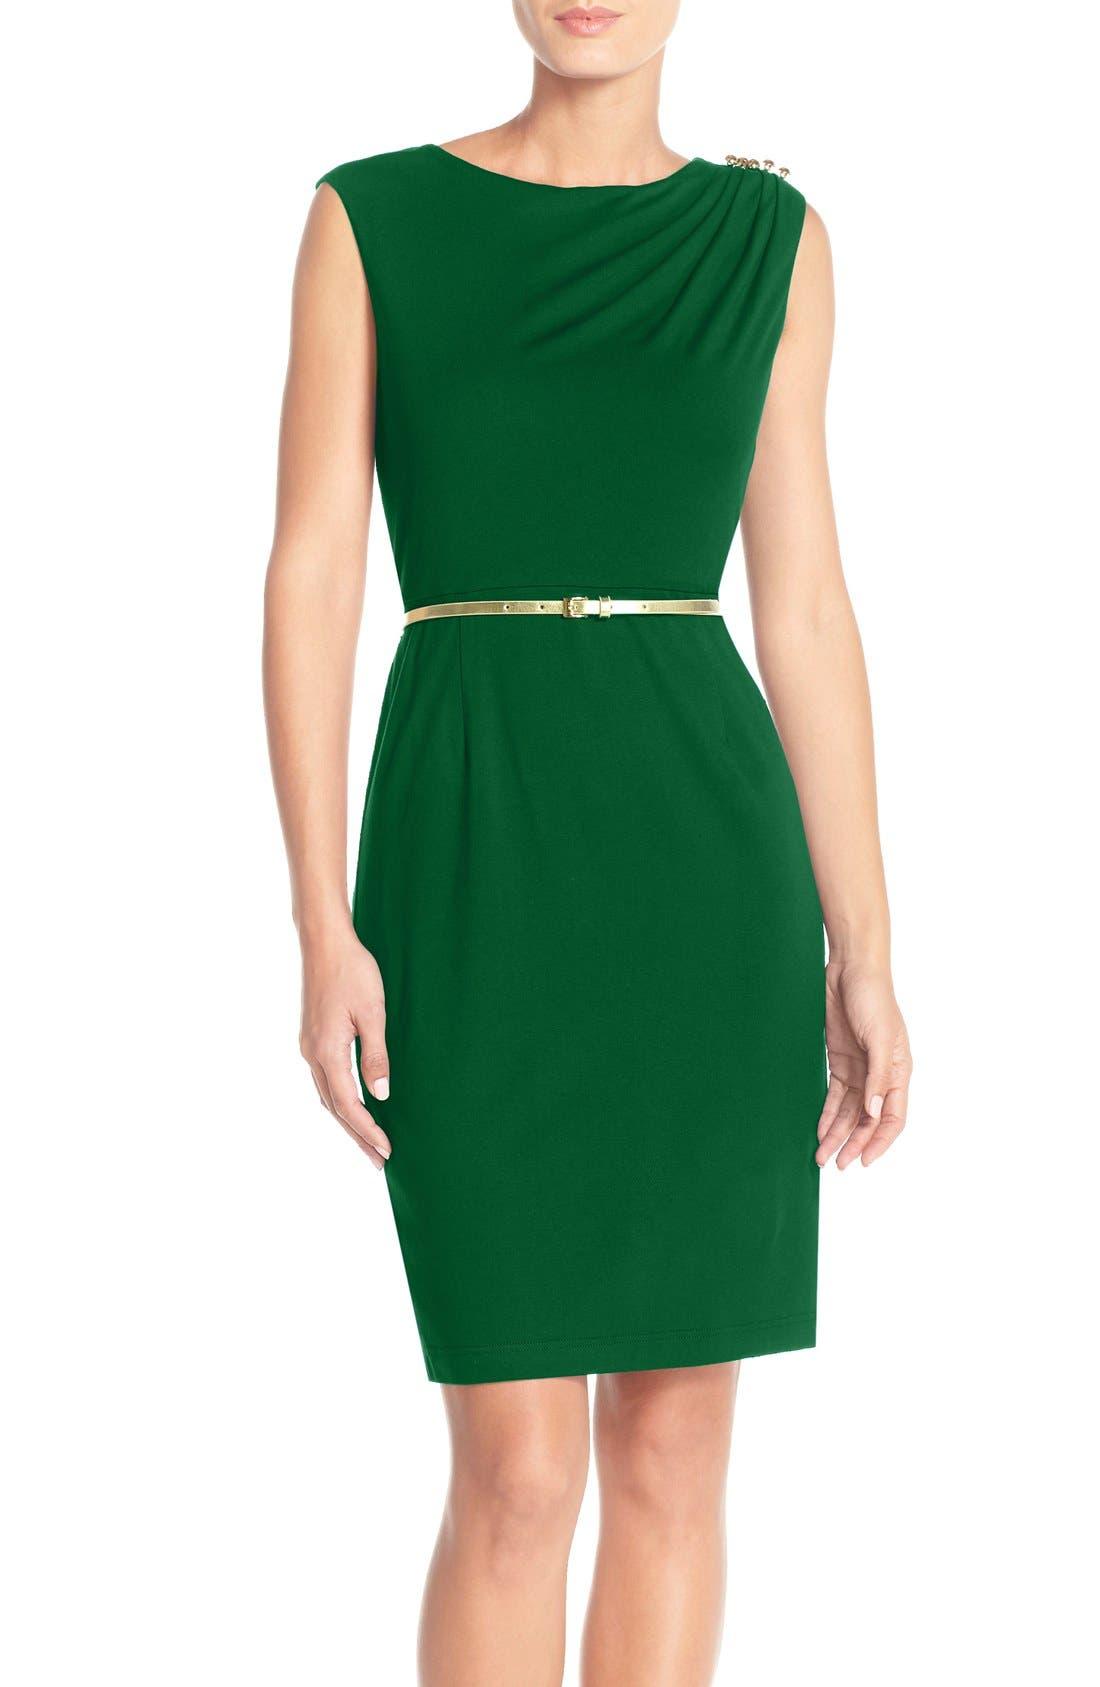 Alternate Image 1 Selected - Ellen Tracy Ruched Shoulder Jersey Sheath Dress